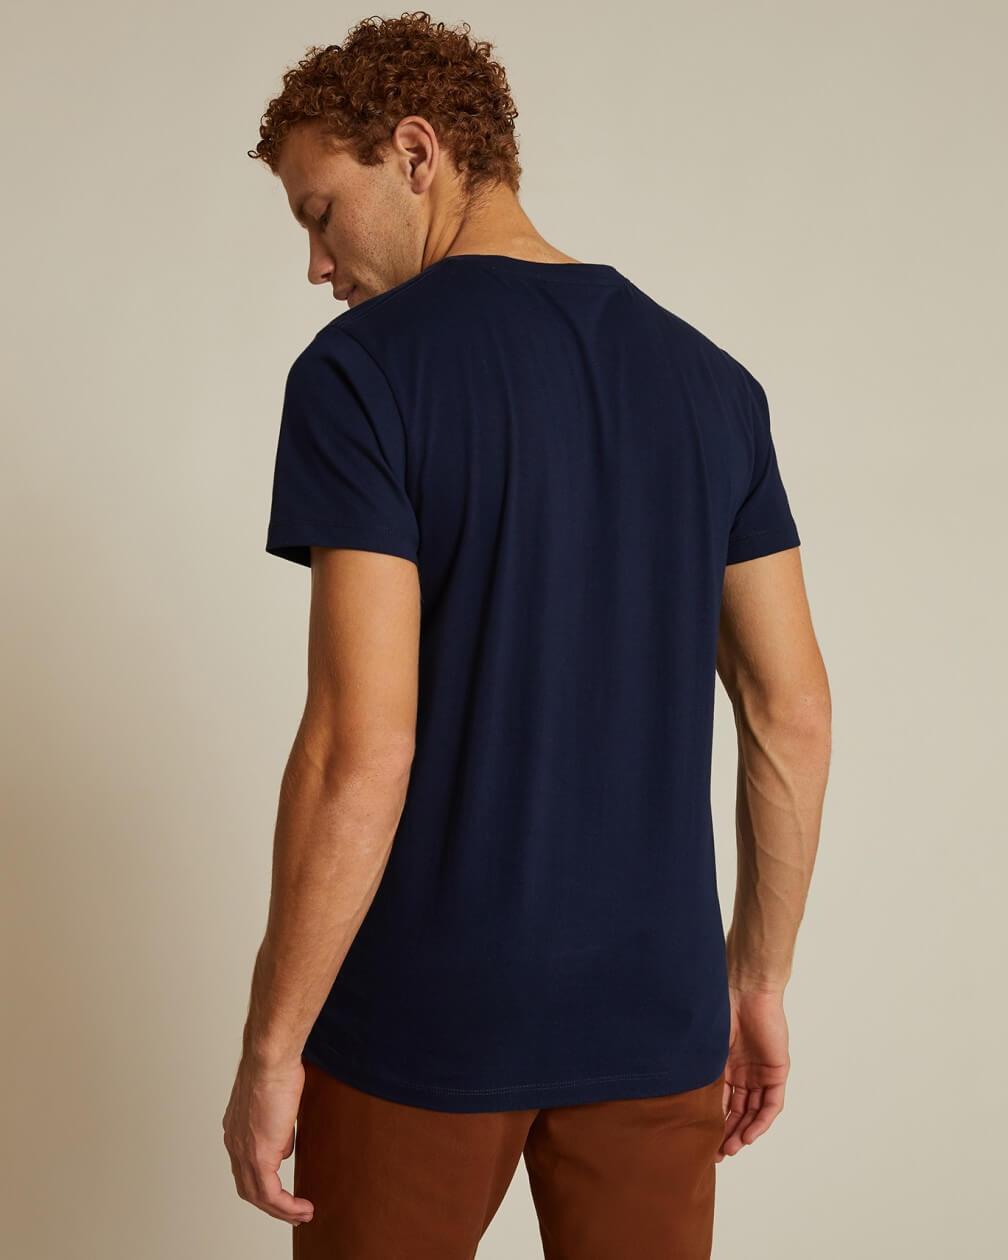 T-shirt Villette marine en coton